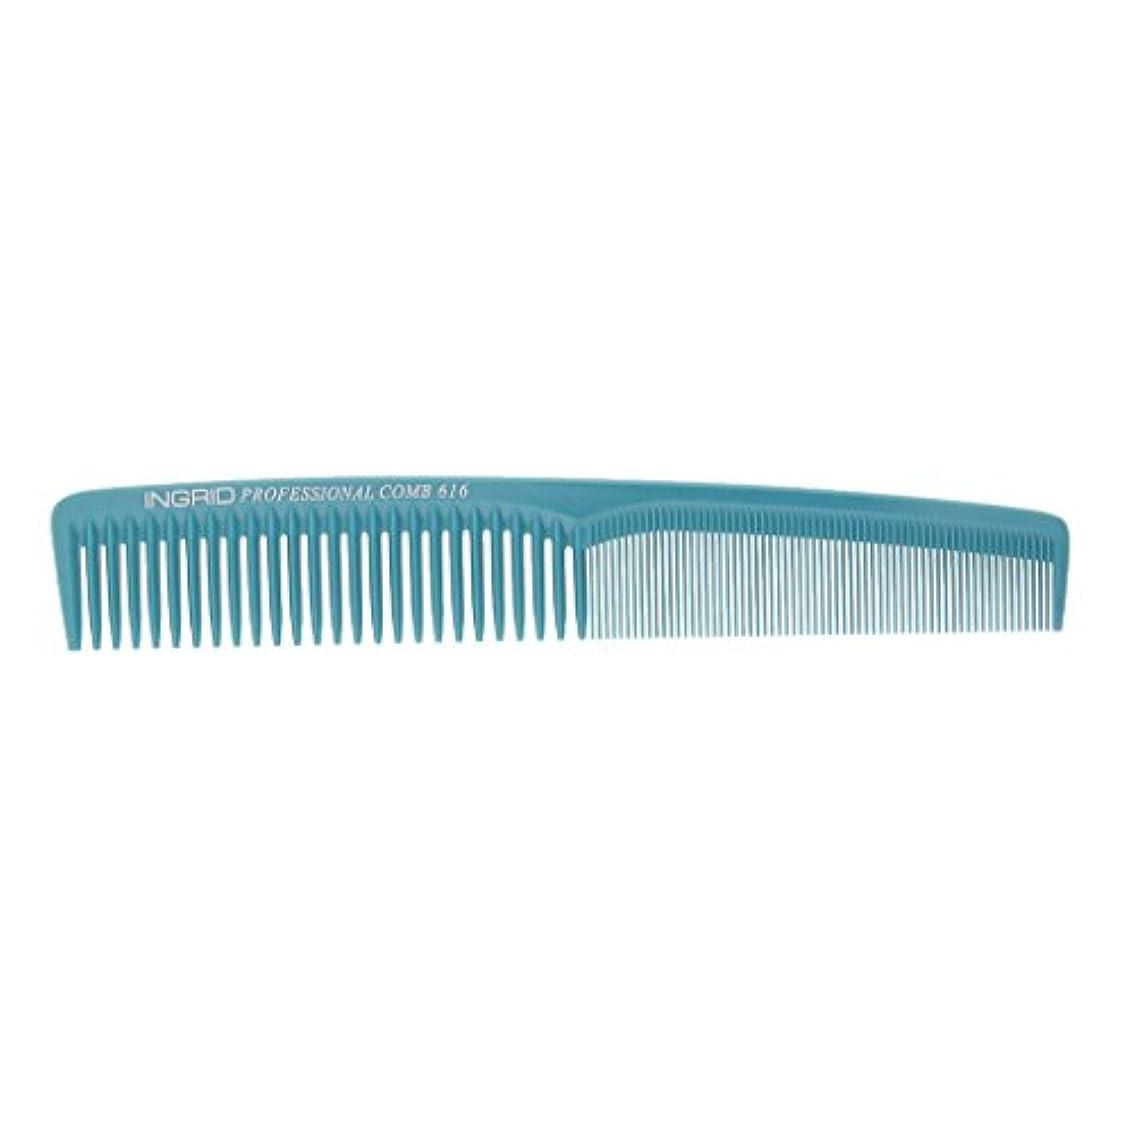 文字通り連続した否定するFutuHome ファッショナブルなヘアカット理髪師美容院プラスチック製の櫛 - ライトブルー